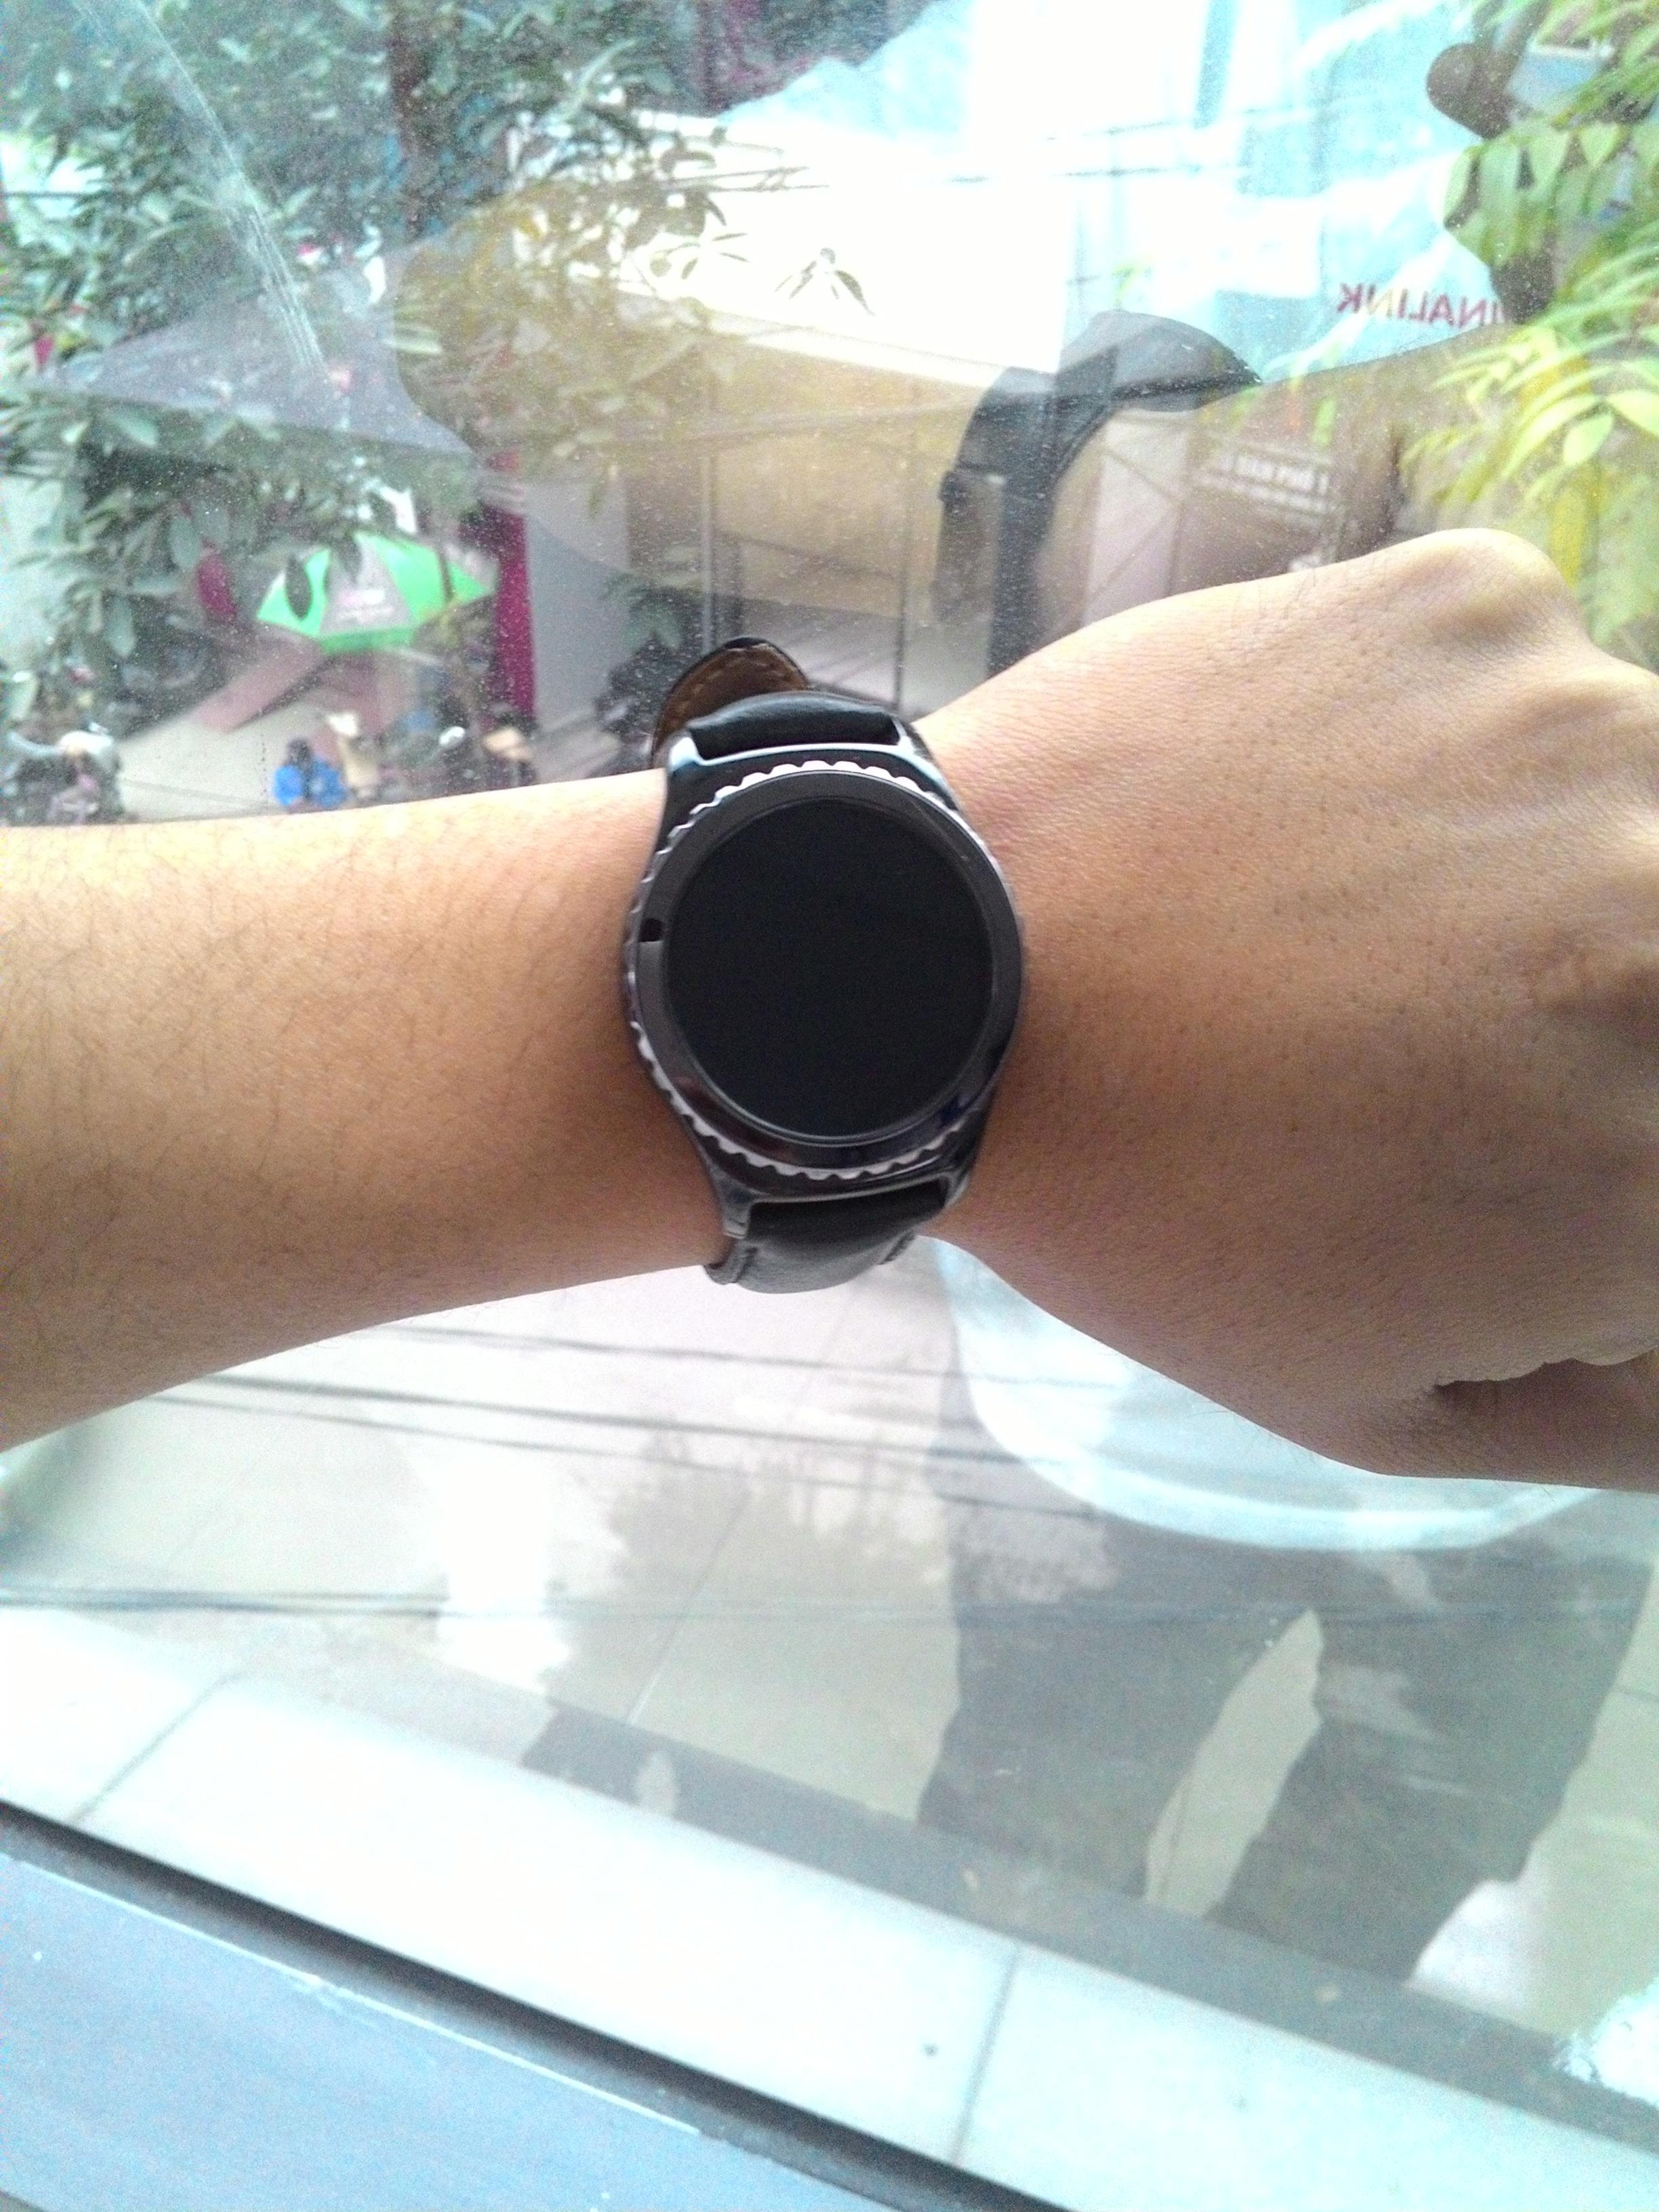 Mặt hiển thị đen xì của đồng hồ thông minh